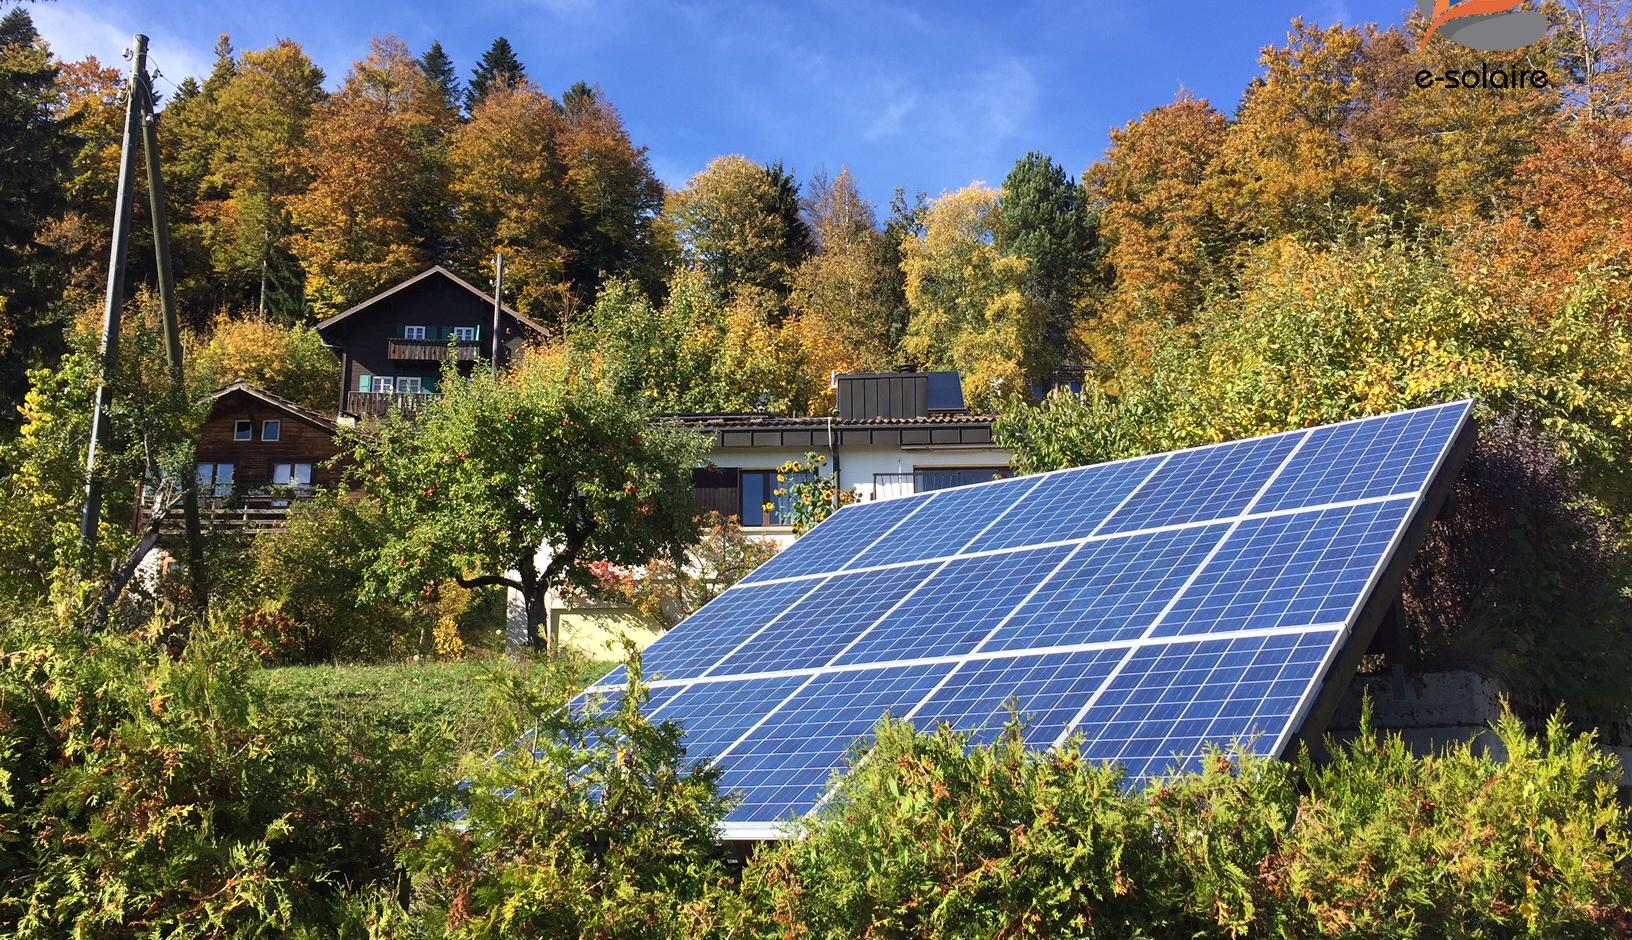 e-solaire rénovation